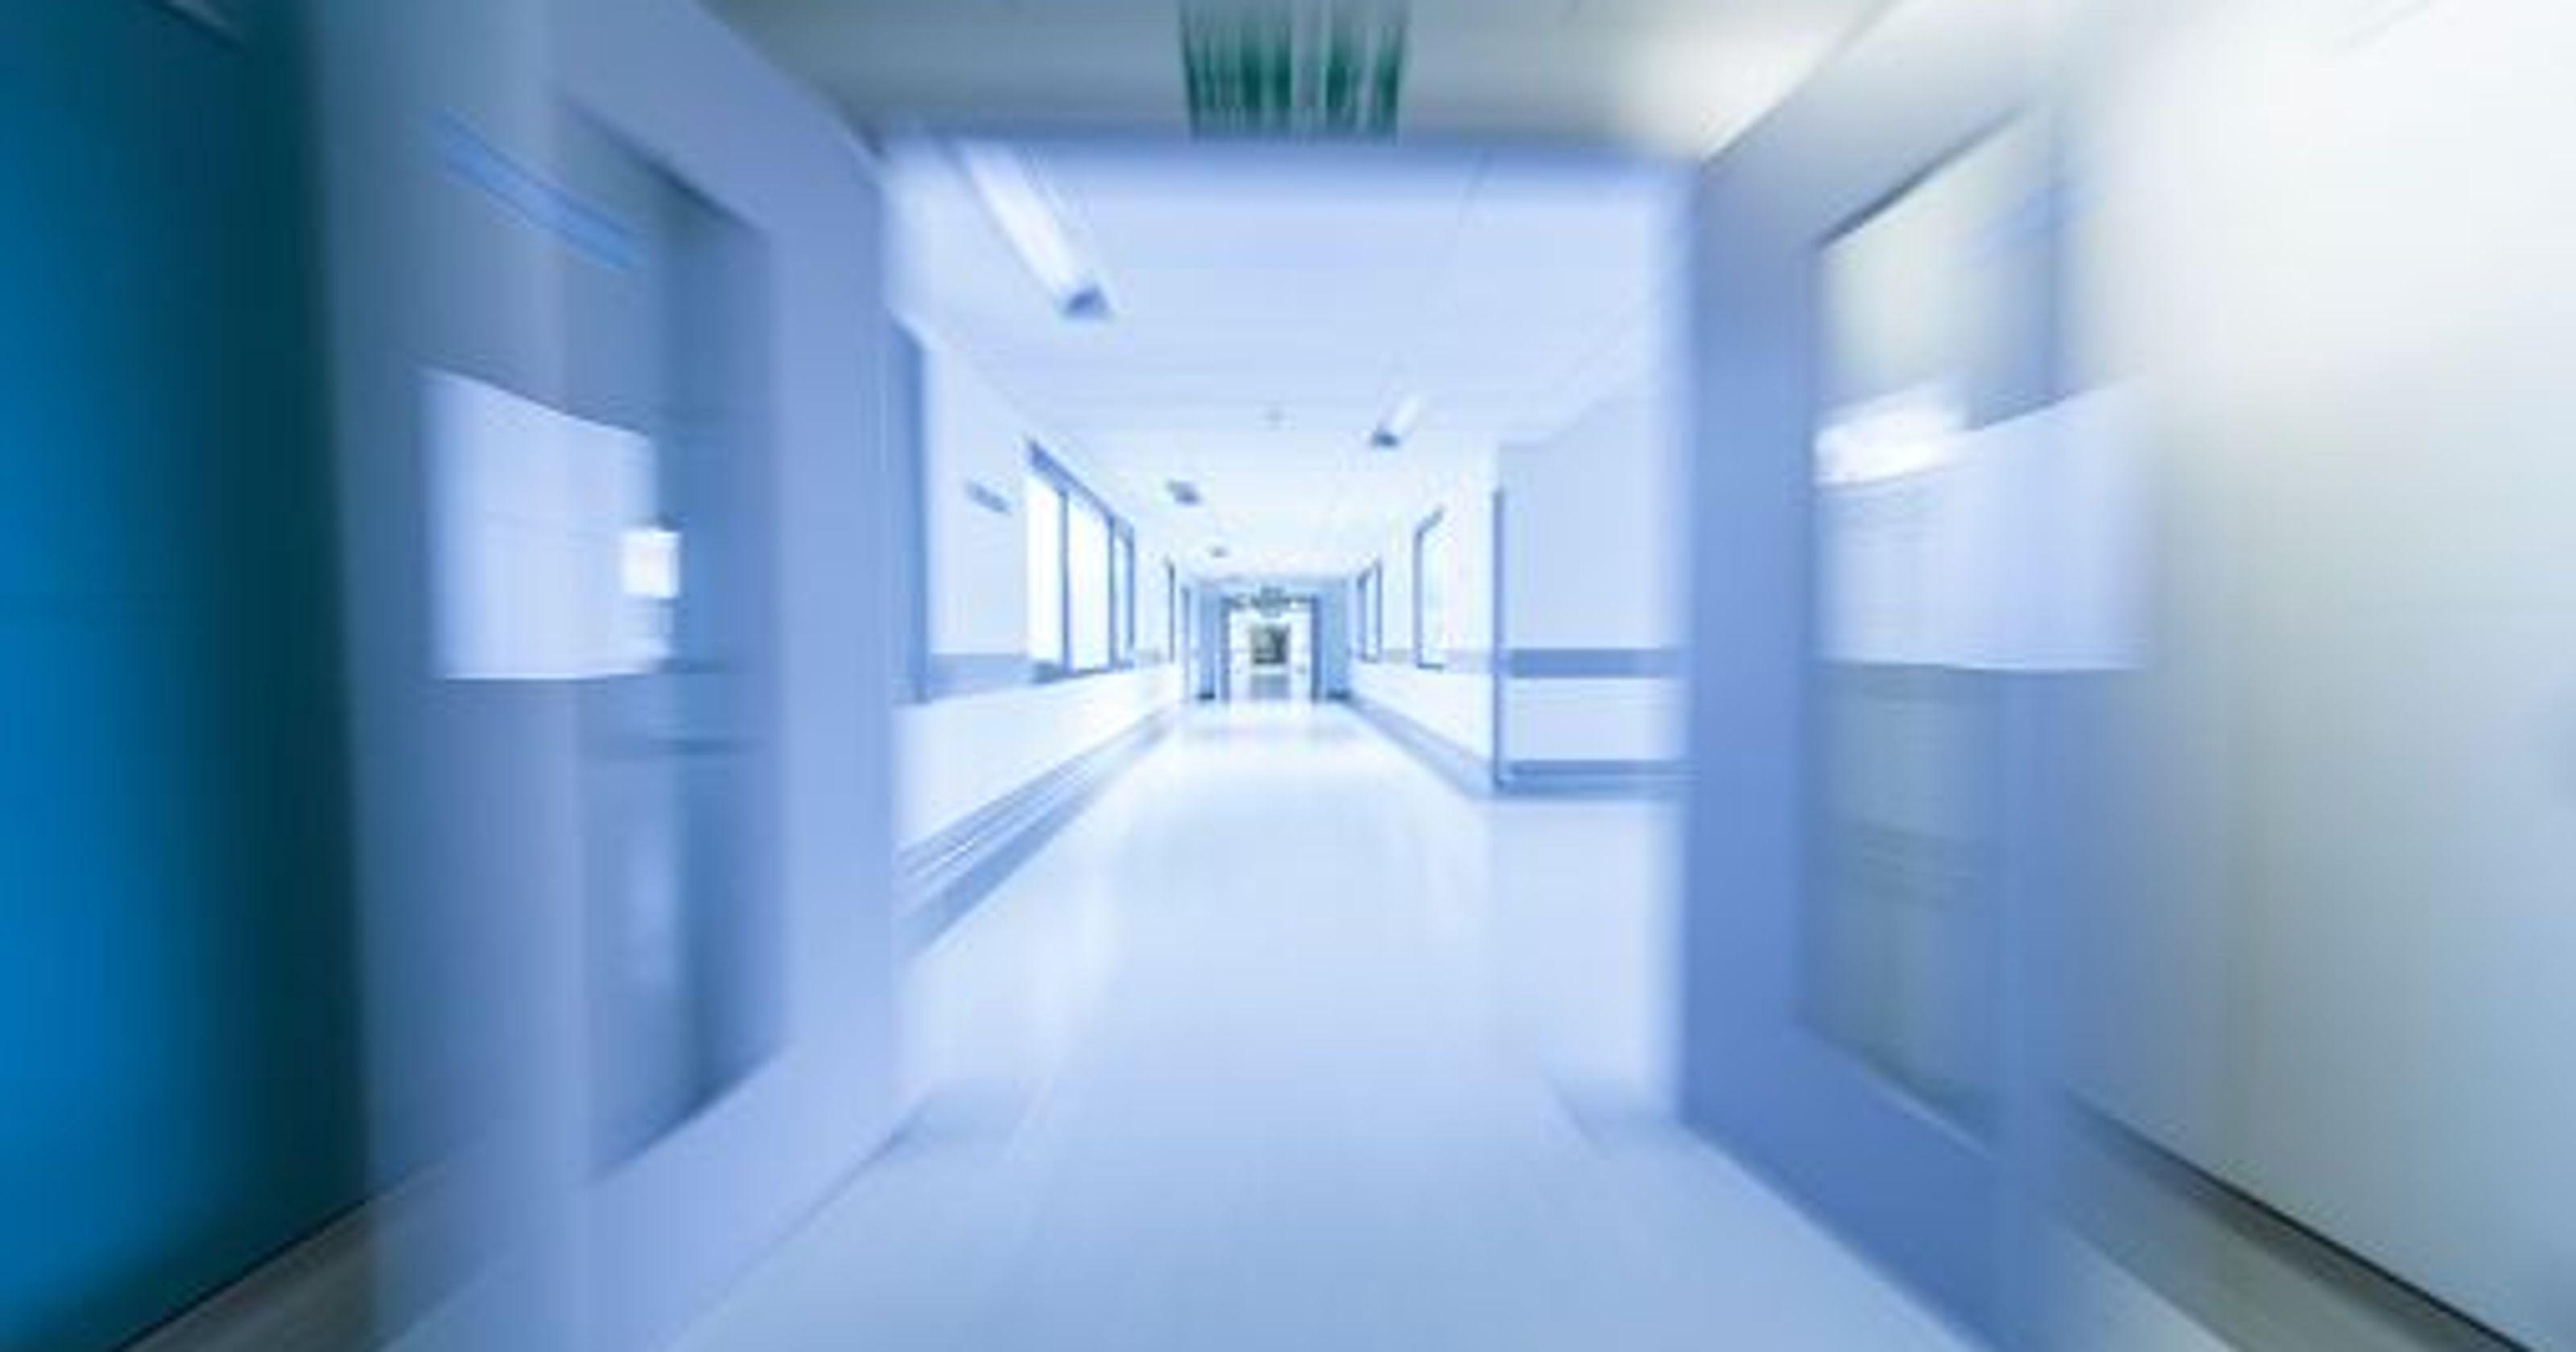 «Не оказал помощь», «предложил вызвать попа»: Алтайский СК проверяет больницу по сообщению СМИ